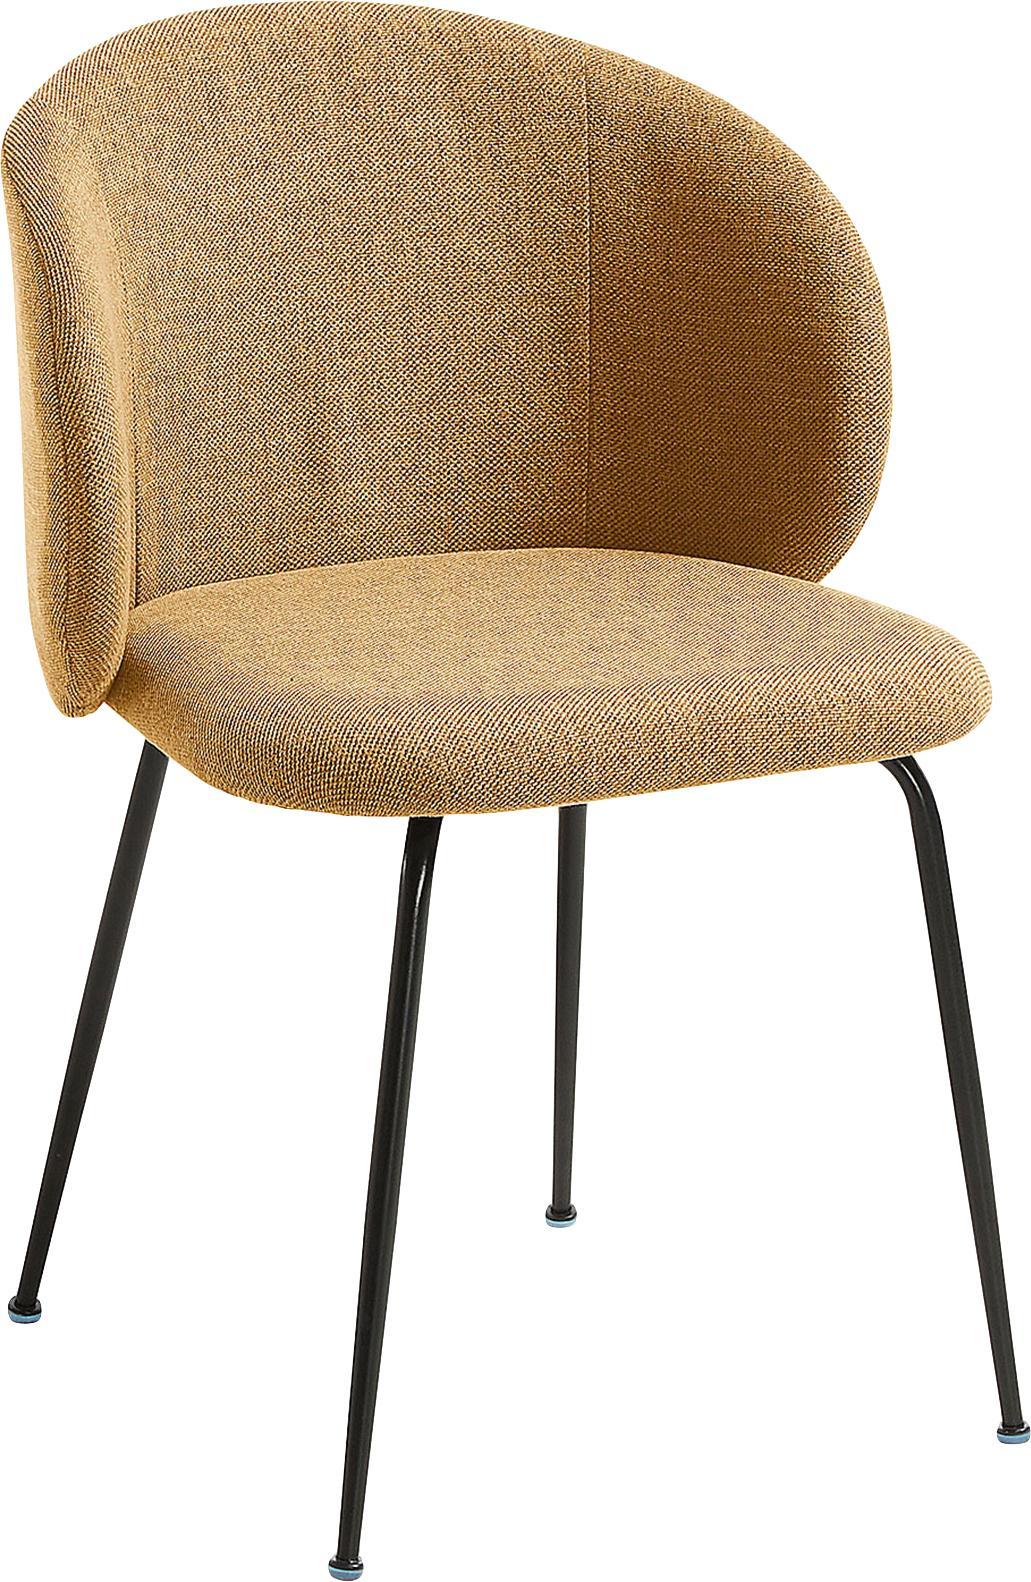 Gestoffeerde stoelen Minna, 2 stuks, Zitvlak: textiel, Frame: gelakt metaal, Mosterdgeel, zwart, 57 x 56 cm